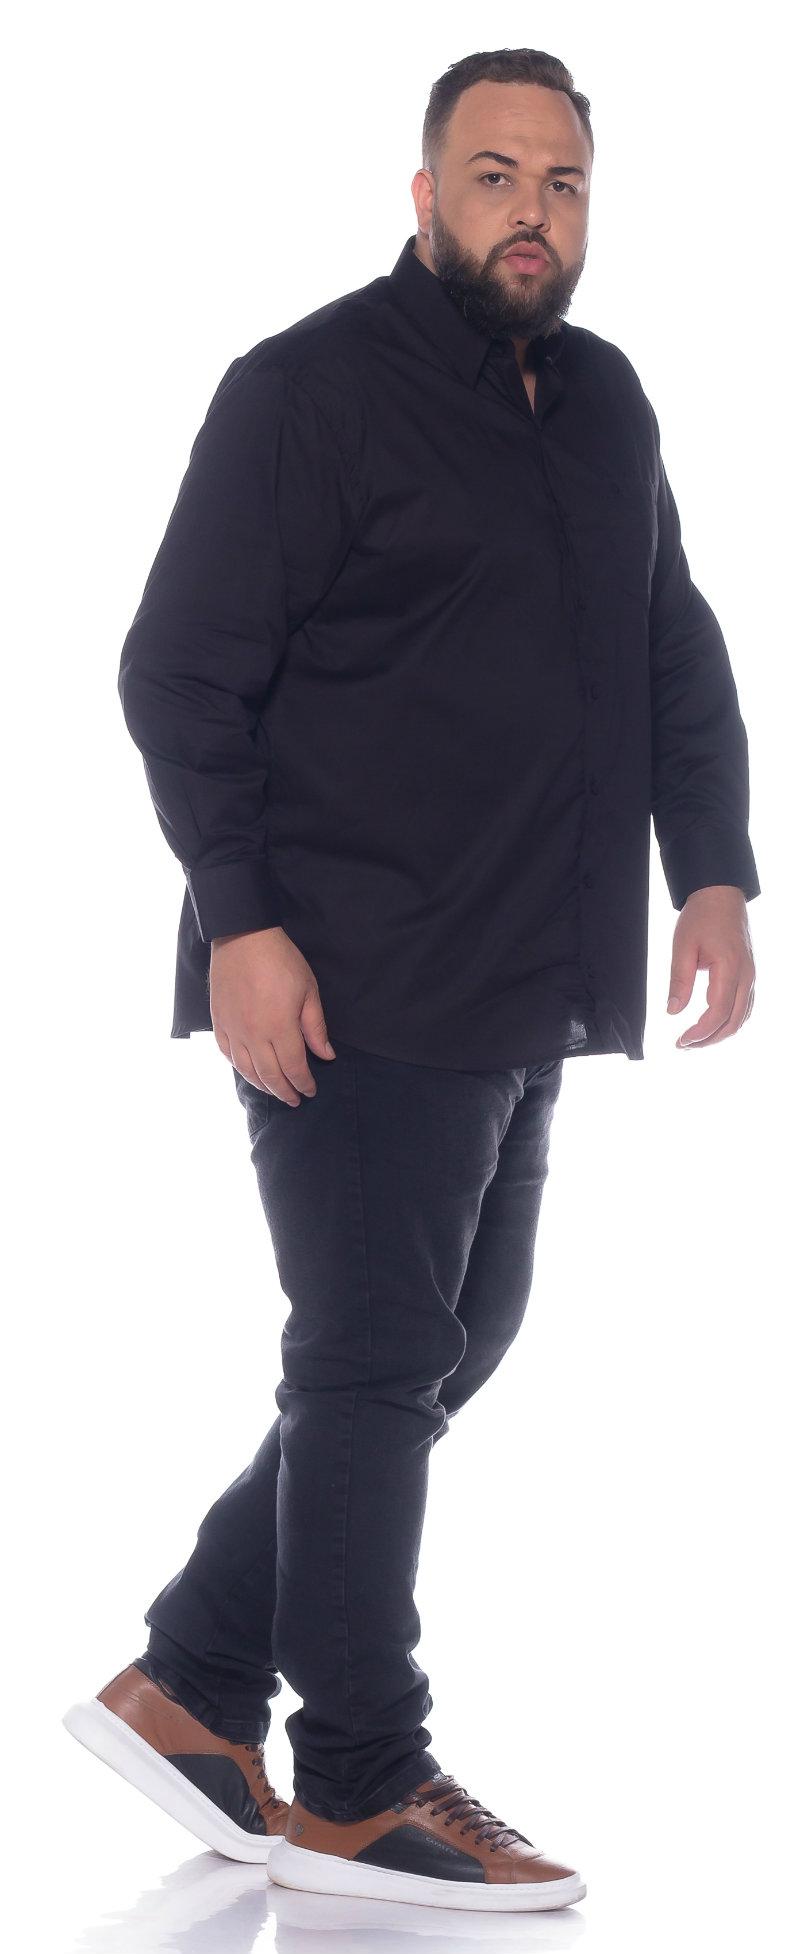 Camisa plus size Manga Longa Elastano Preta